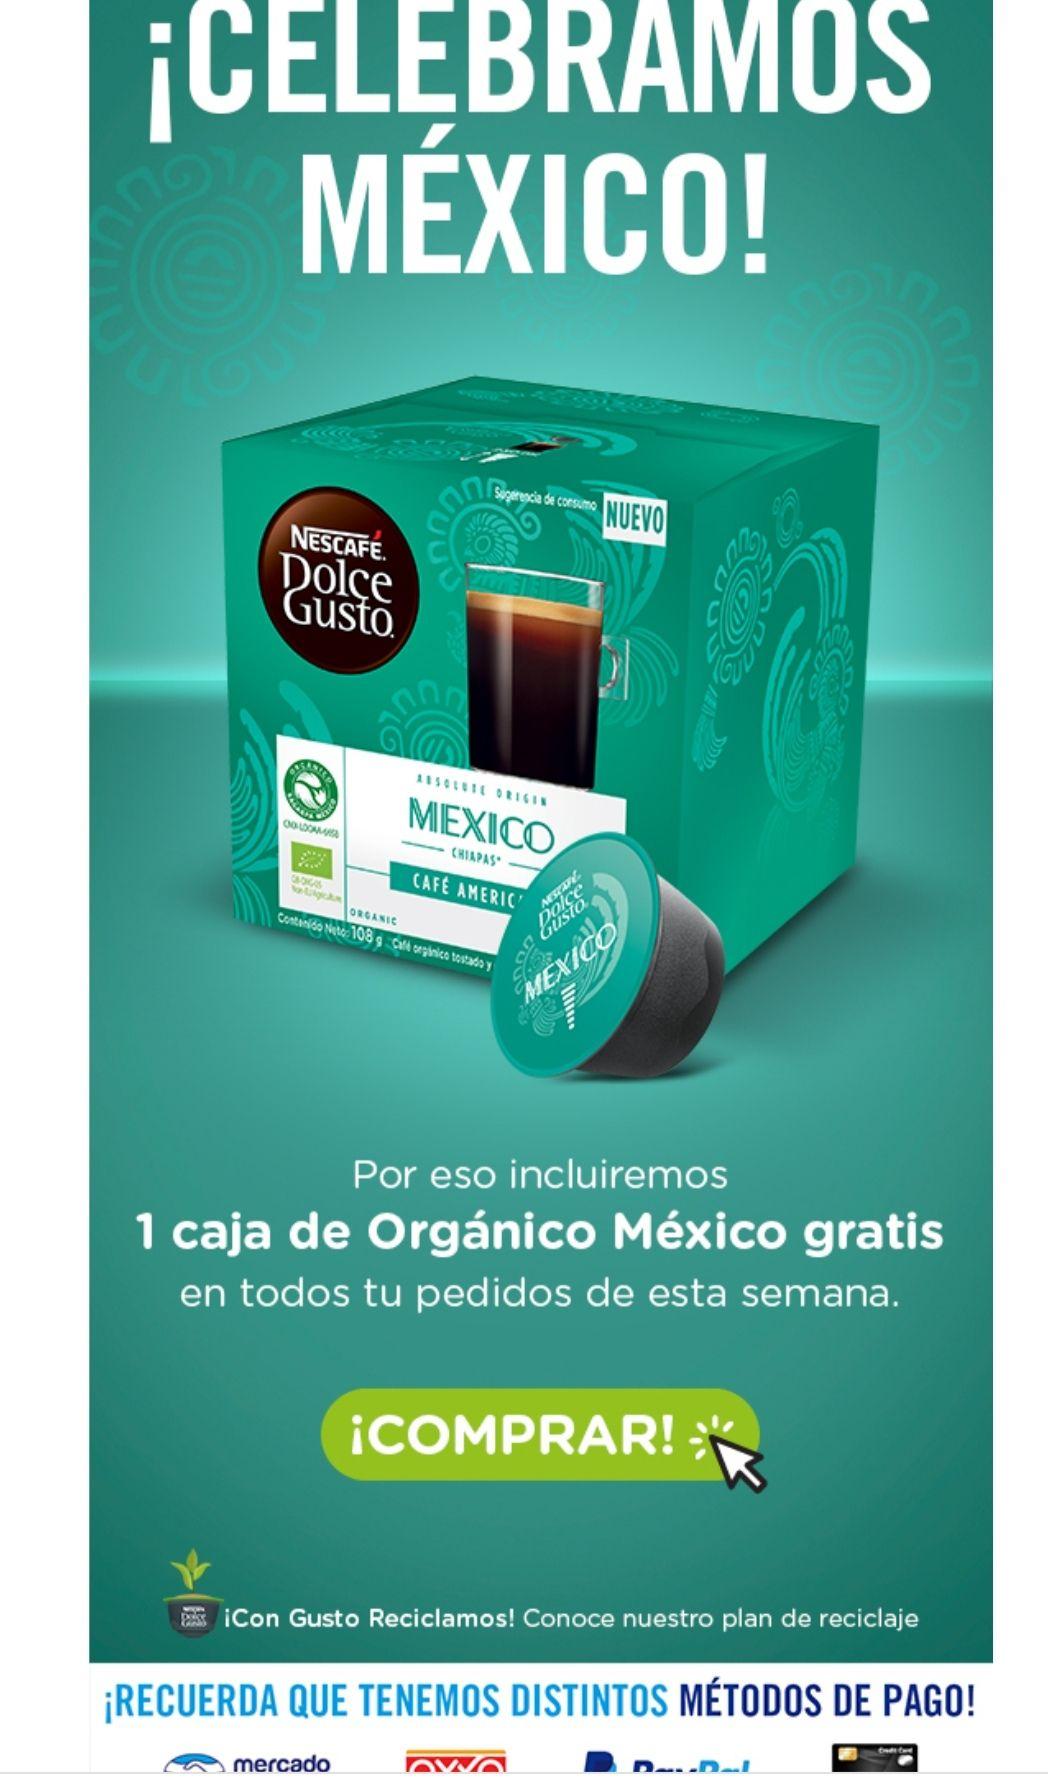 Dolce Gusto En cualquier pedido agregarán una caja de café México Dolce gusto GRATIS